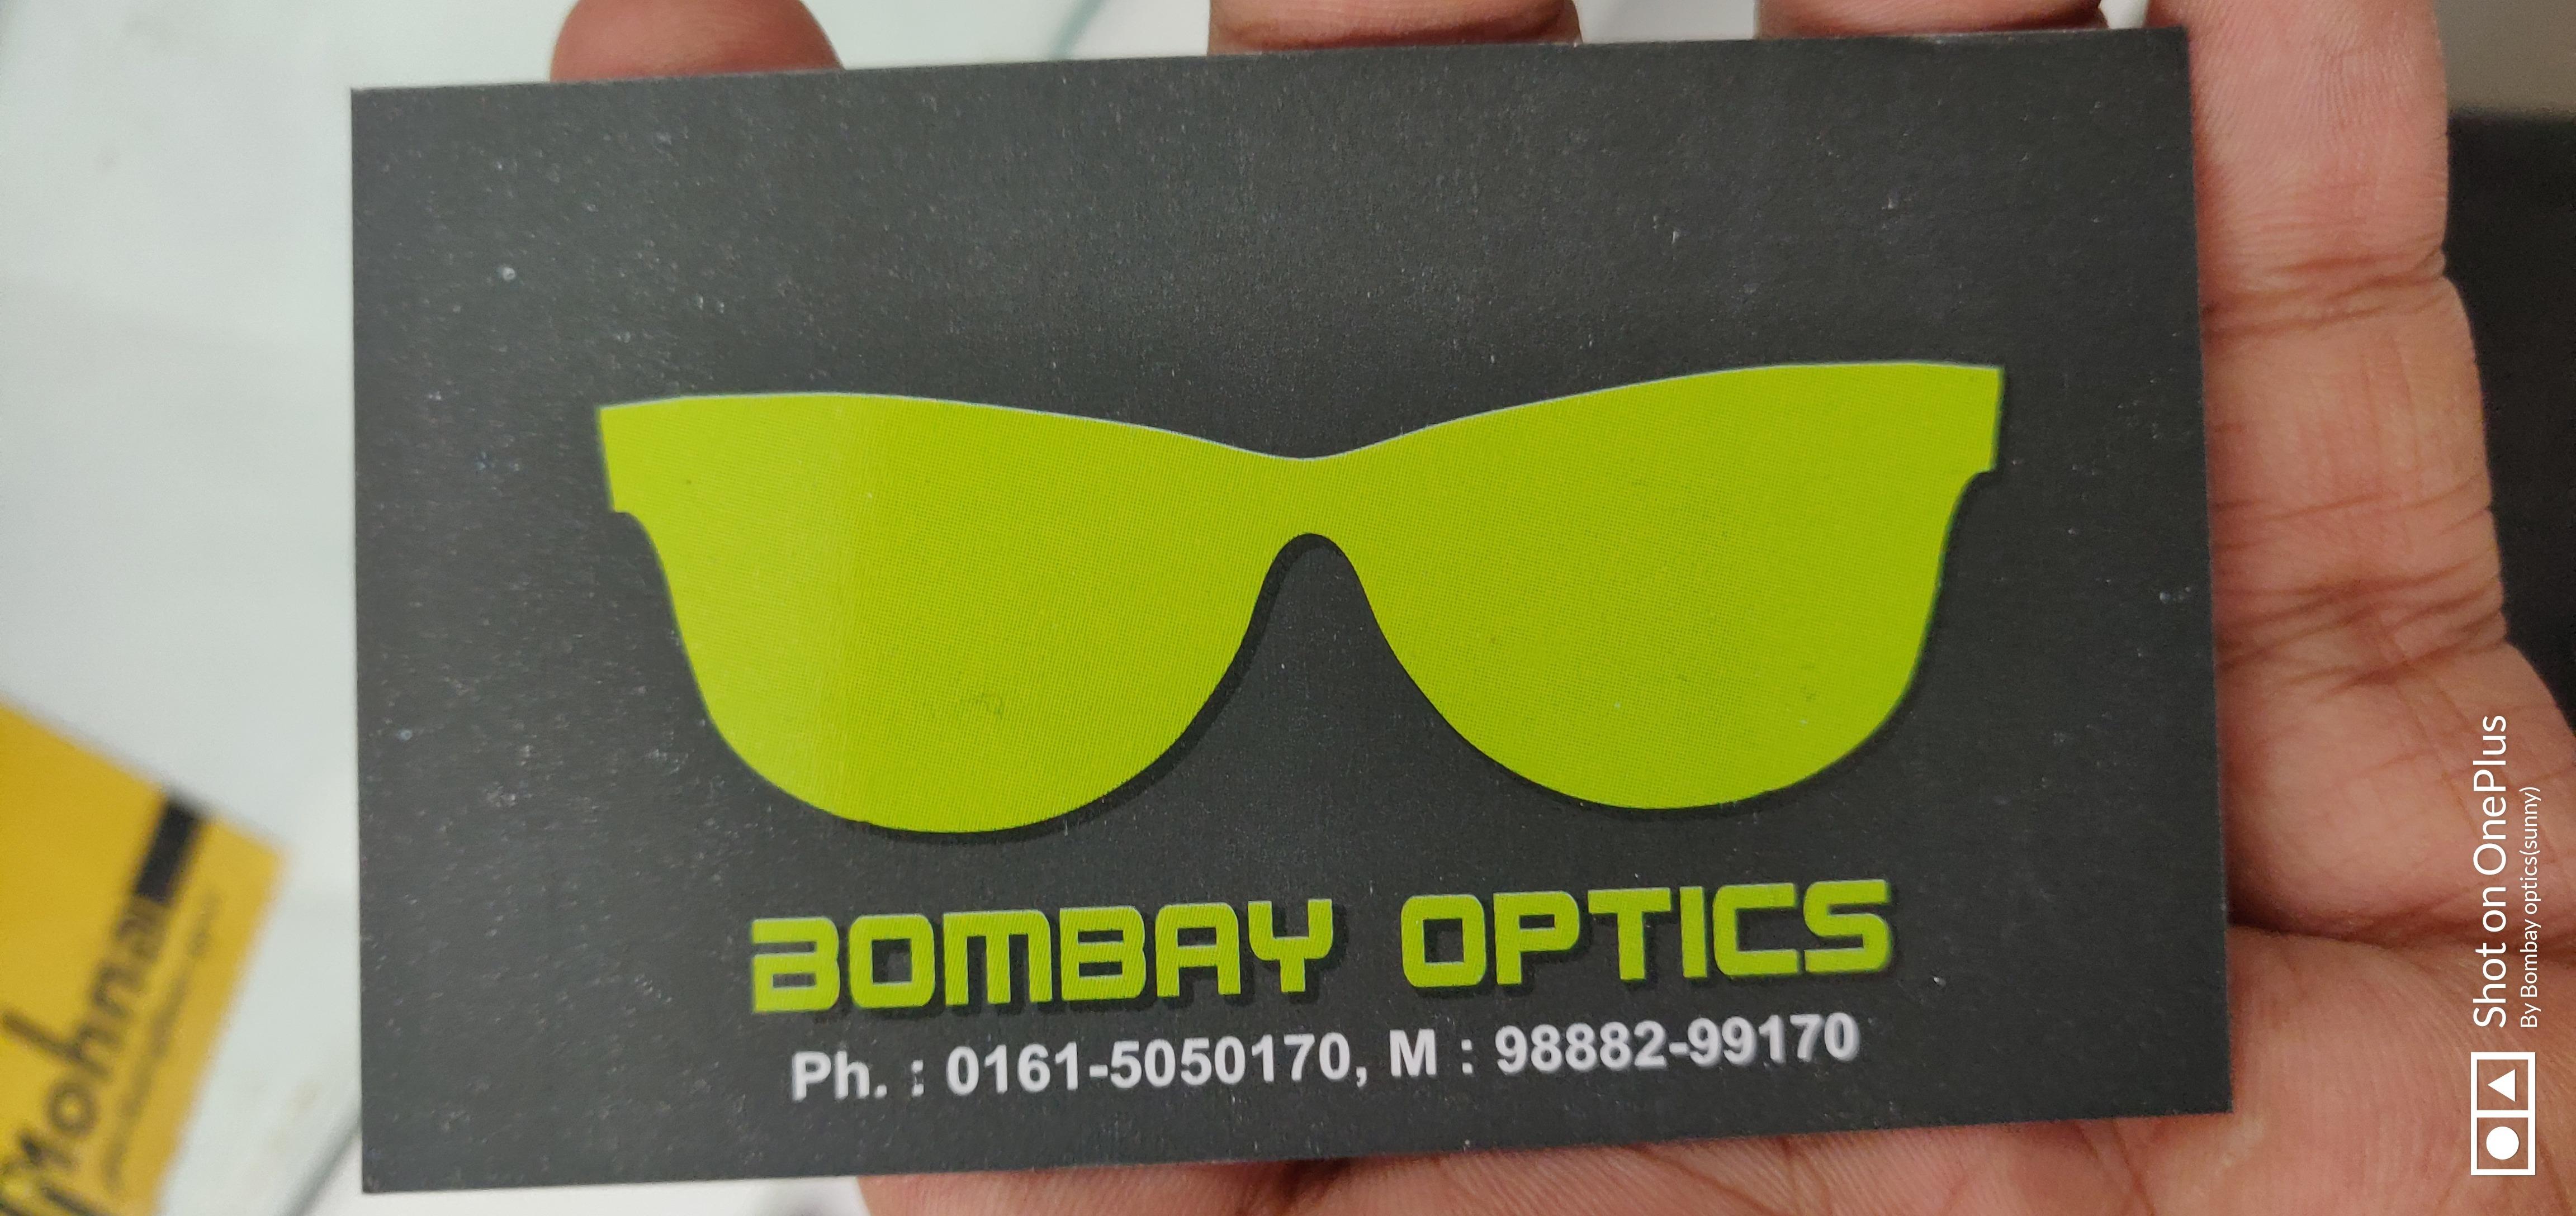 Bombay optics